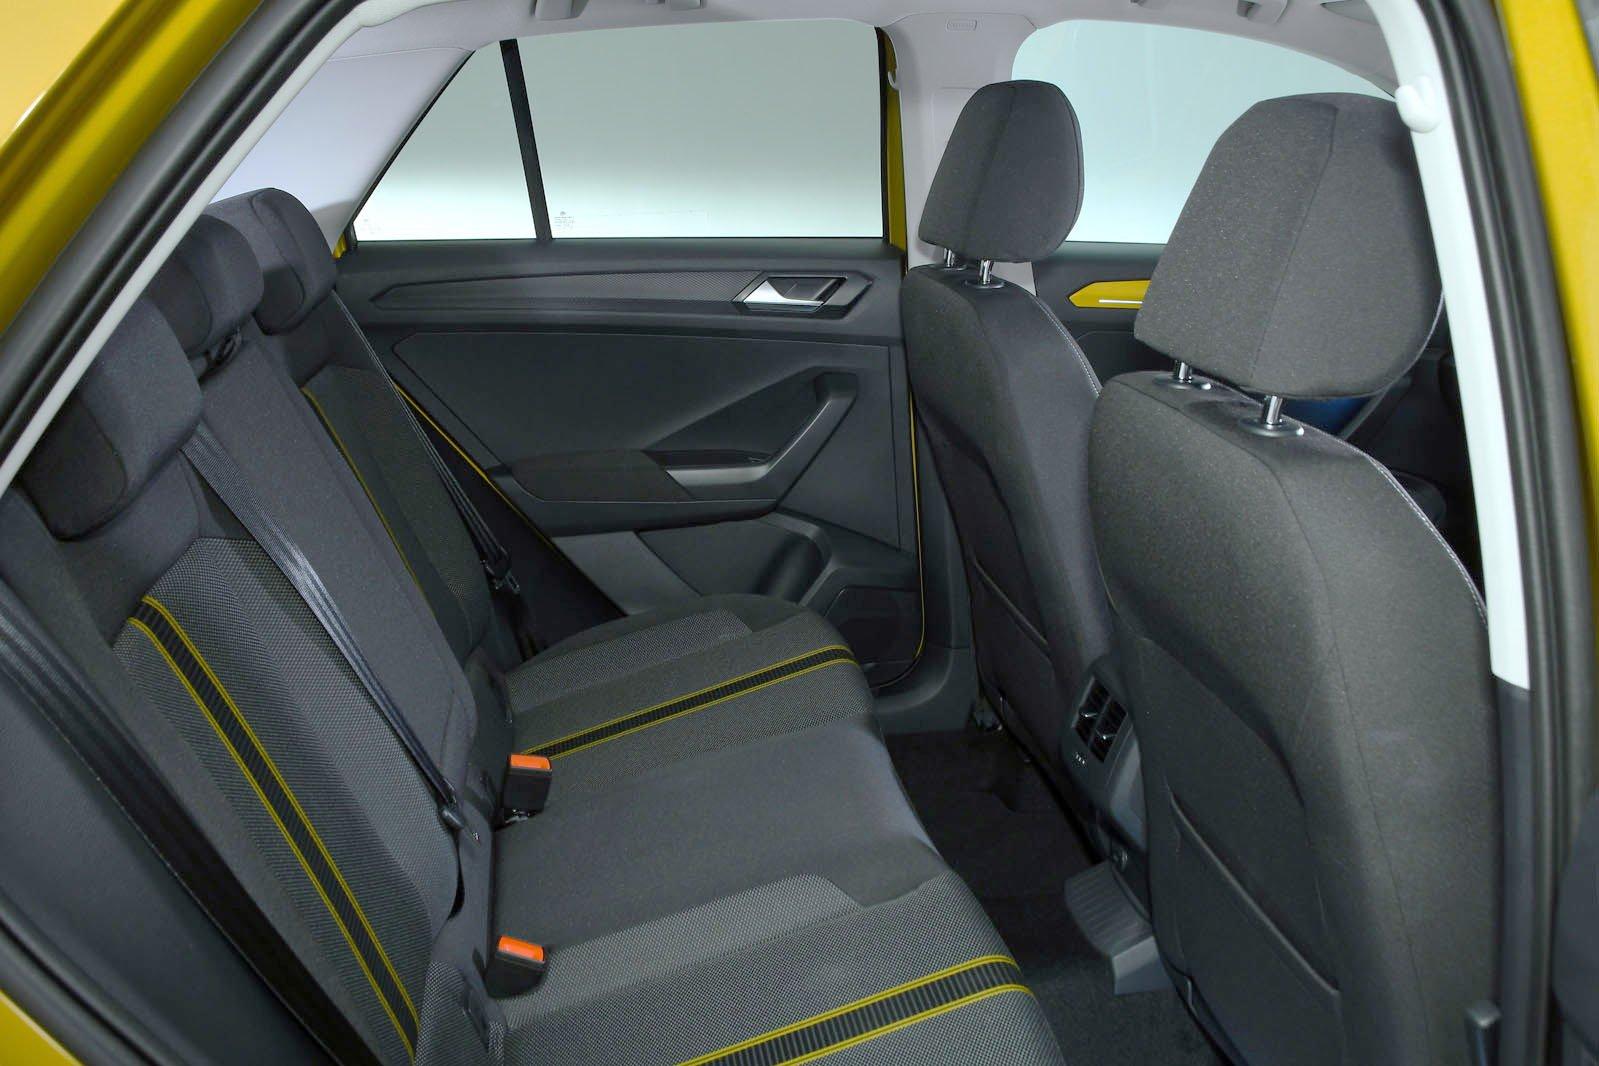 Volkswagen T-Roc rear seats